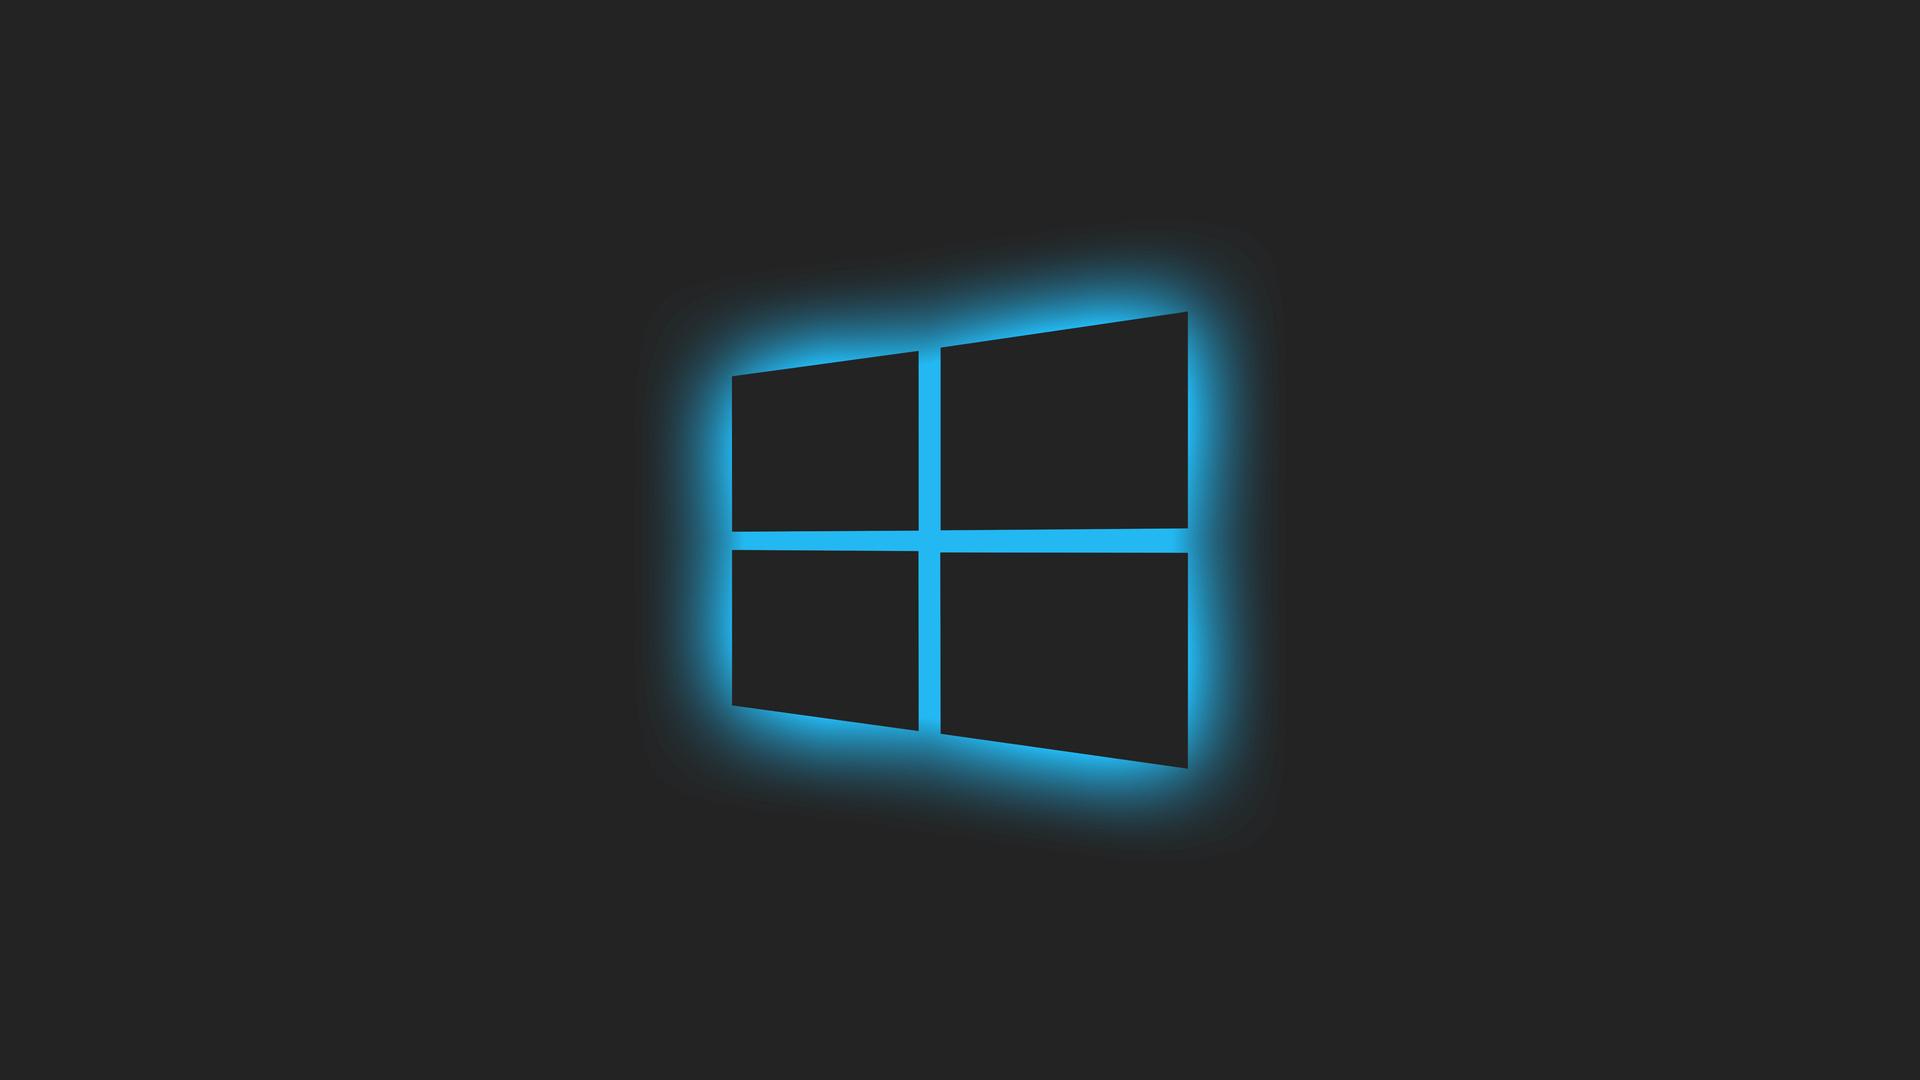 1920x1080 Windows Glowing Logo Blue 5k Laptop Full HD ...